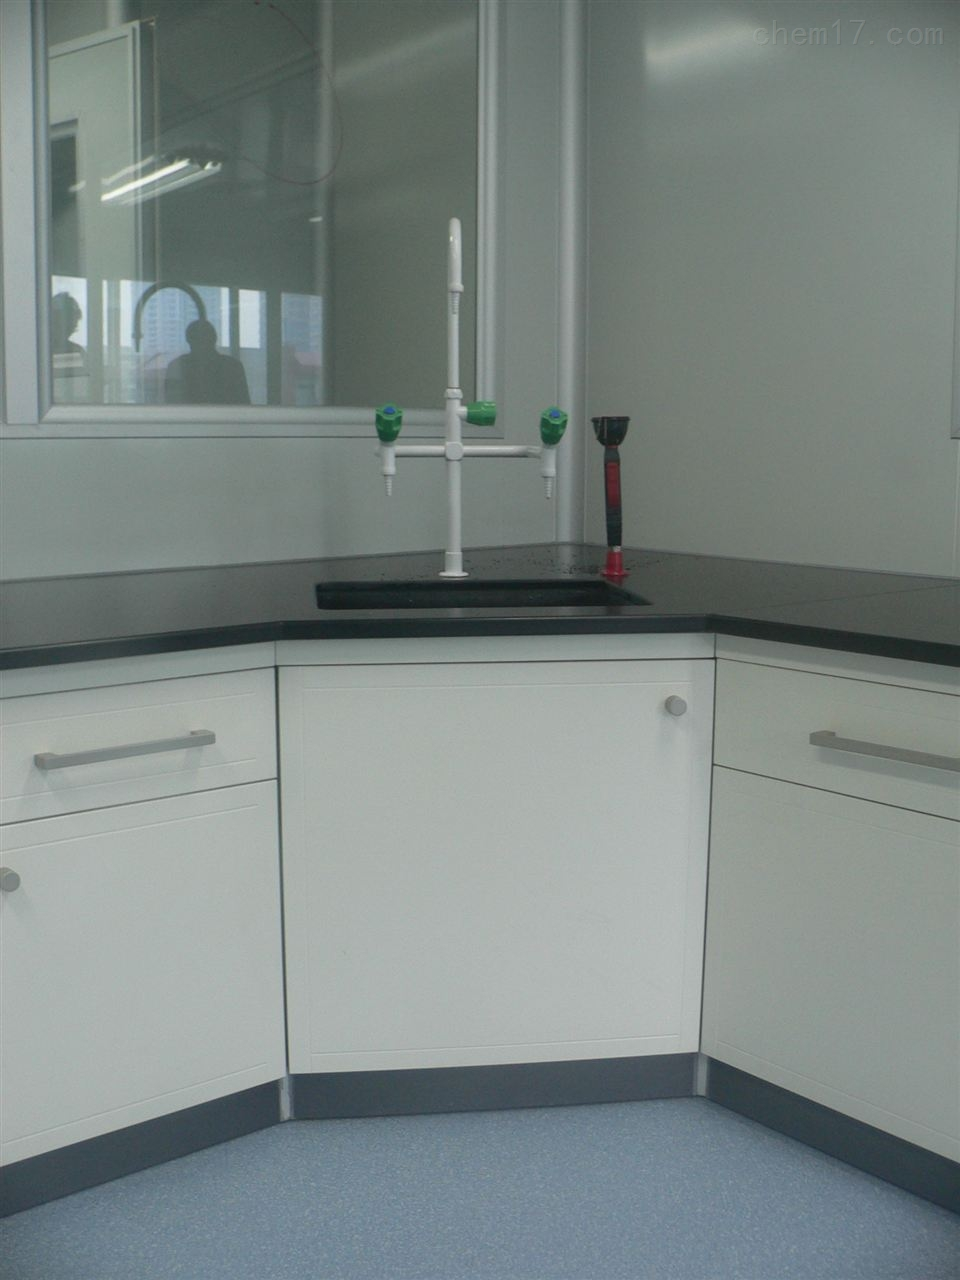 广西贵港食品中心实验室整体装修工程服务